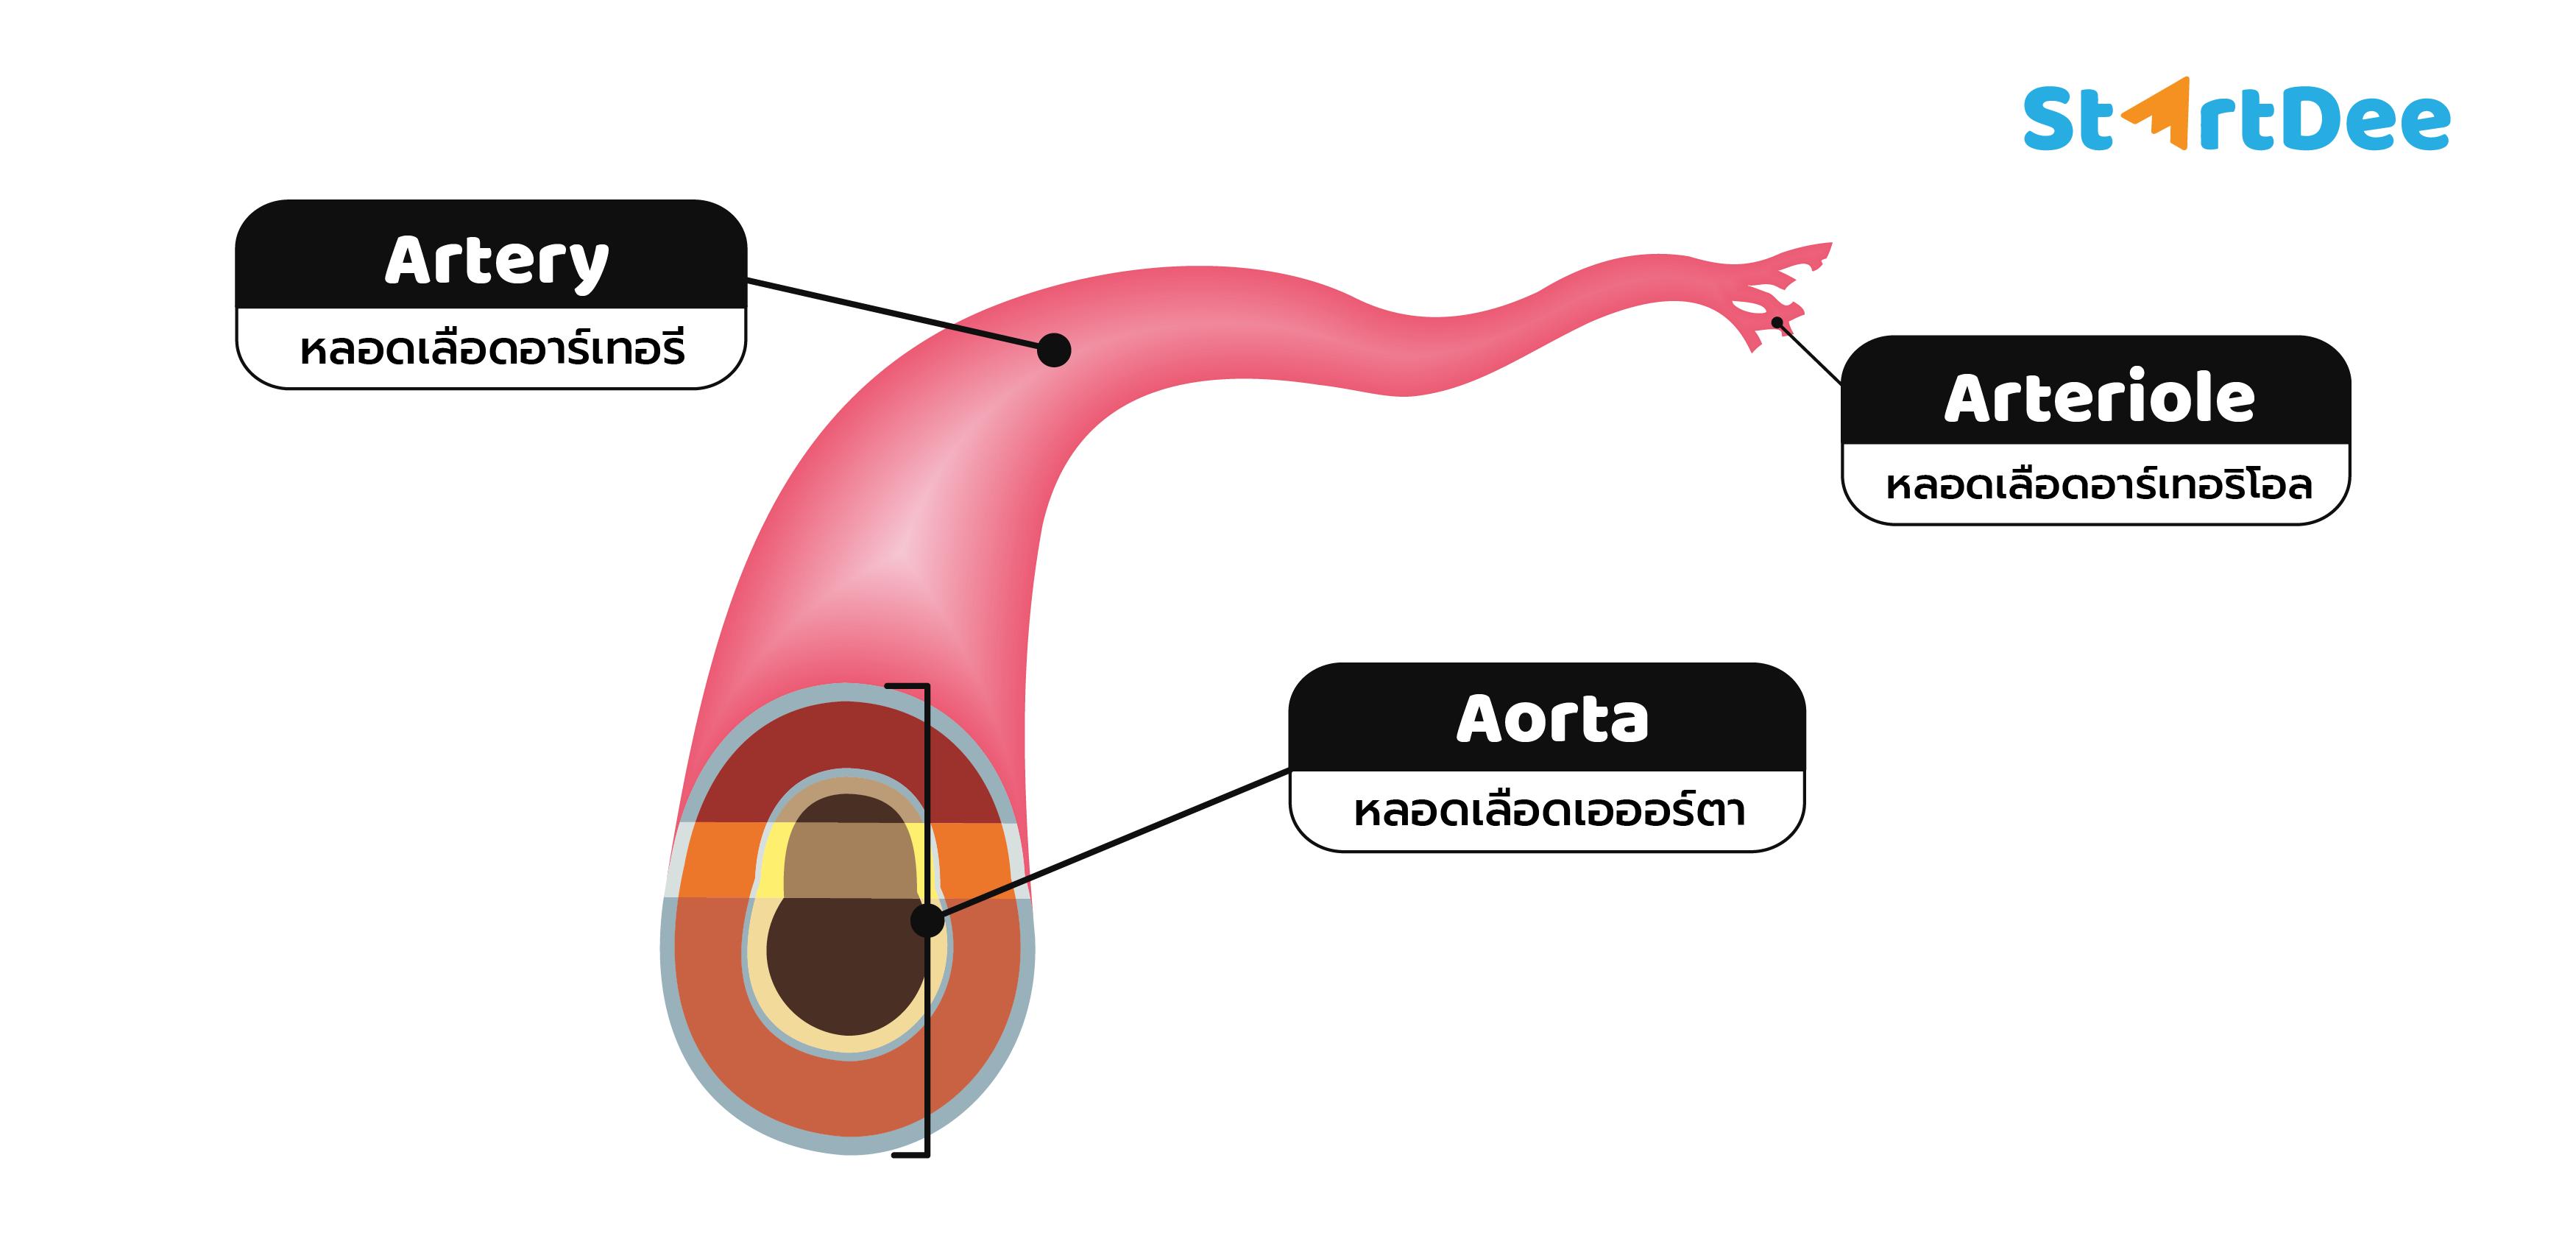 หลอดเลือดเอออร์ตา-อาร์เทอริโอล-อาร์เทอรี